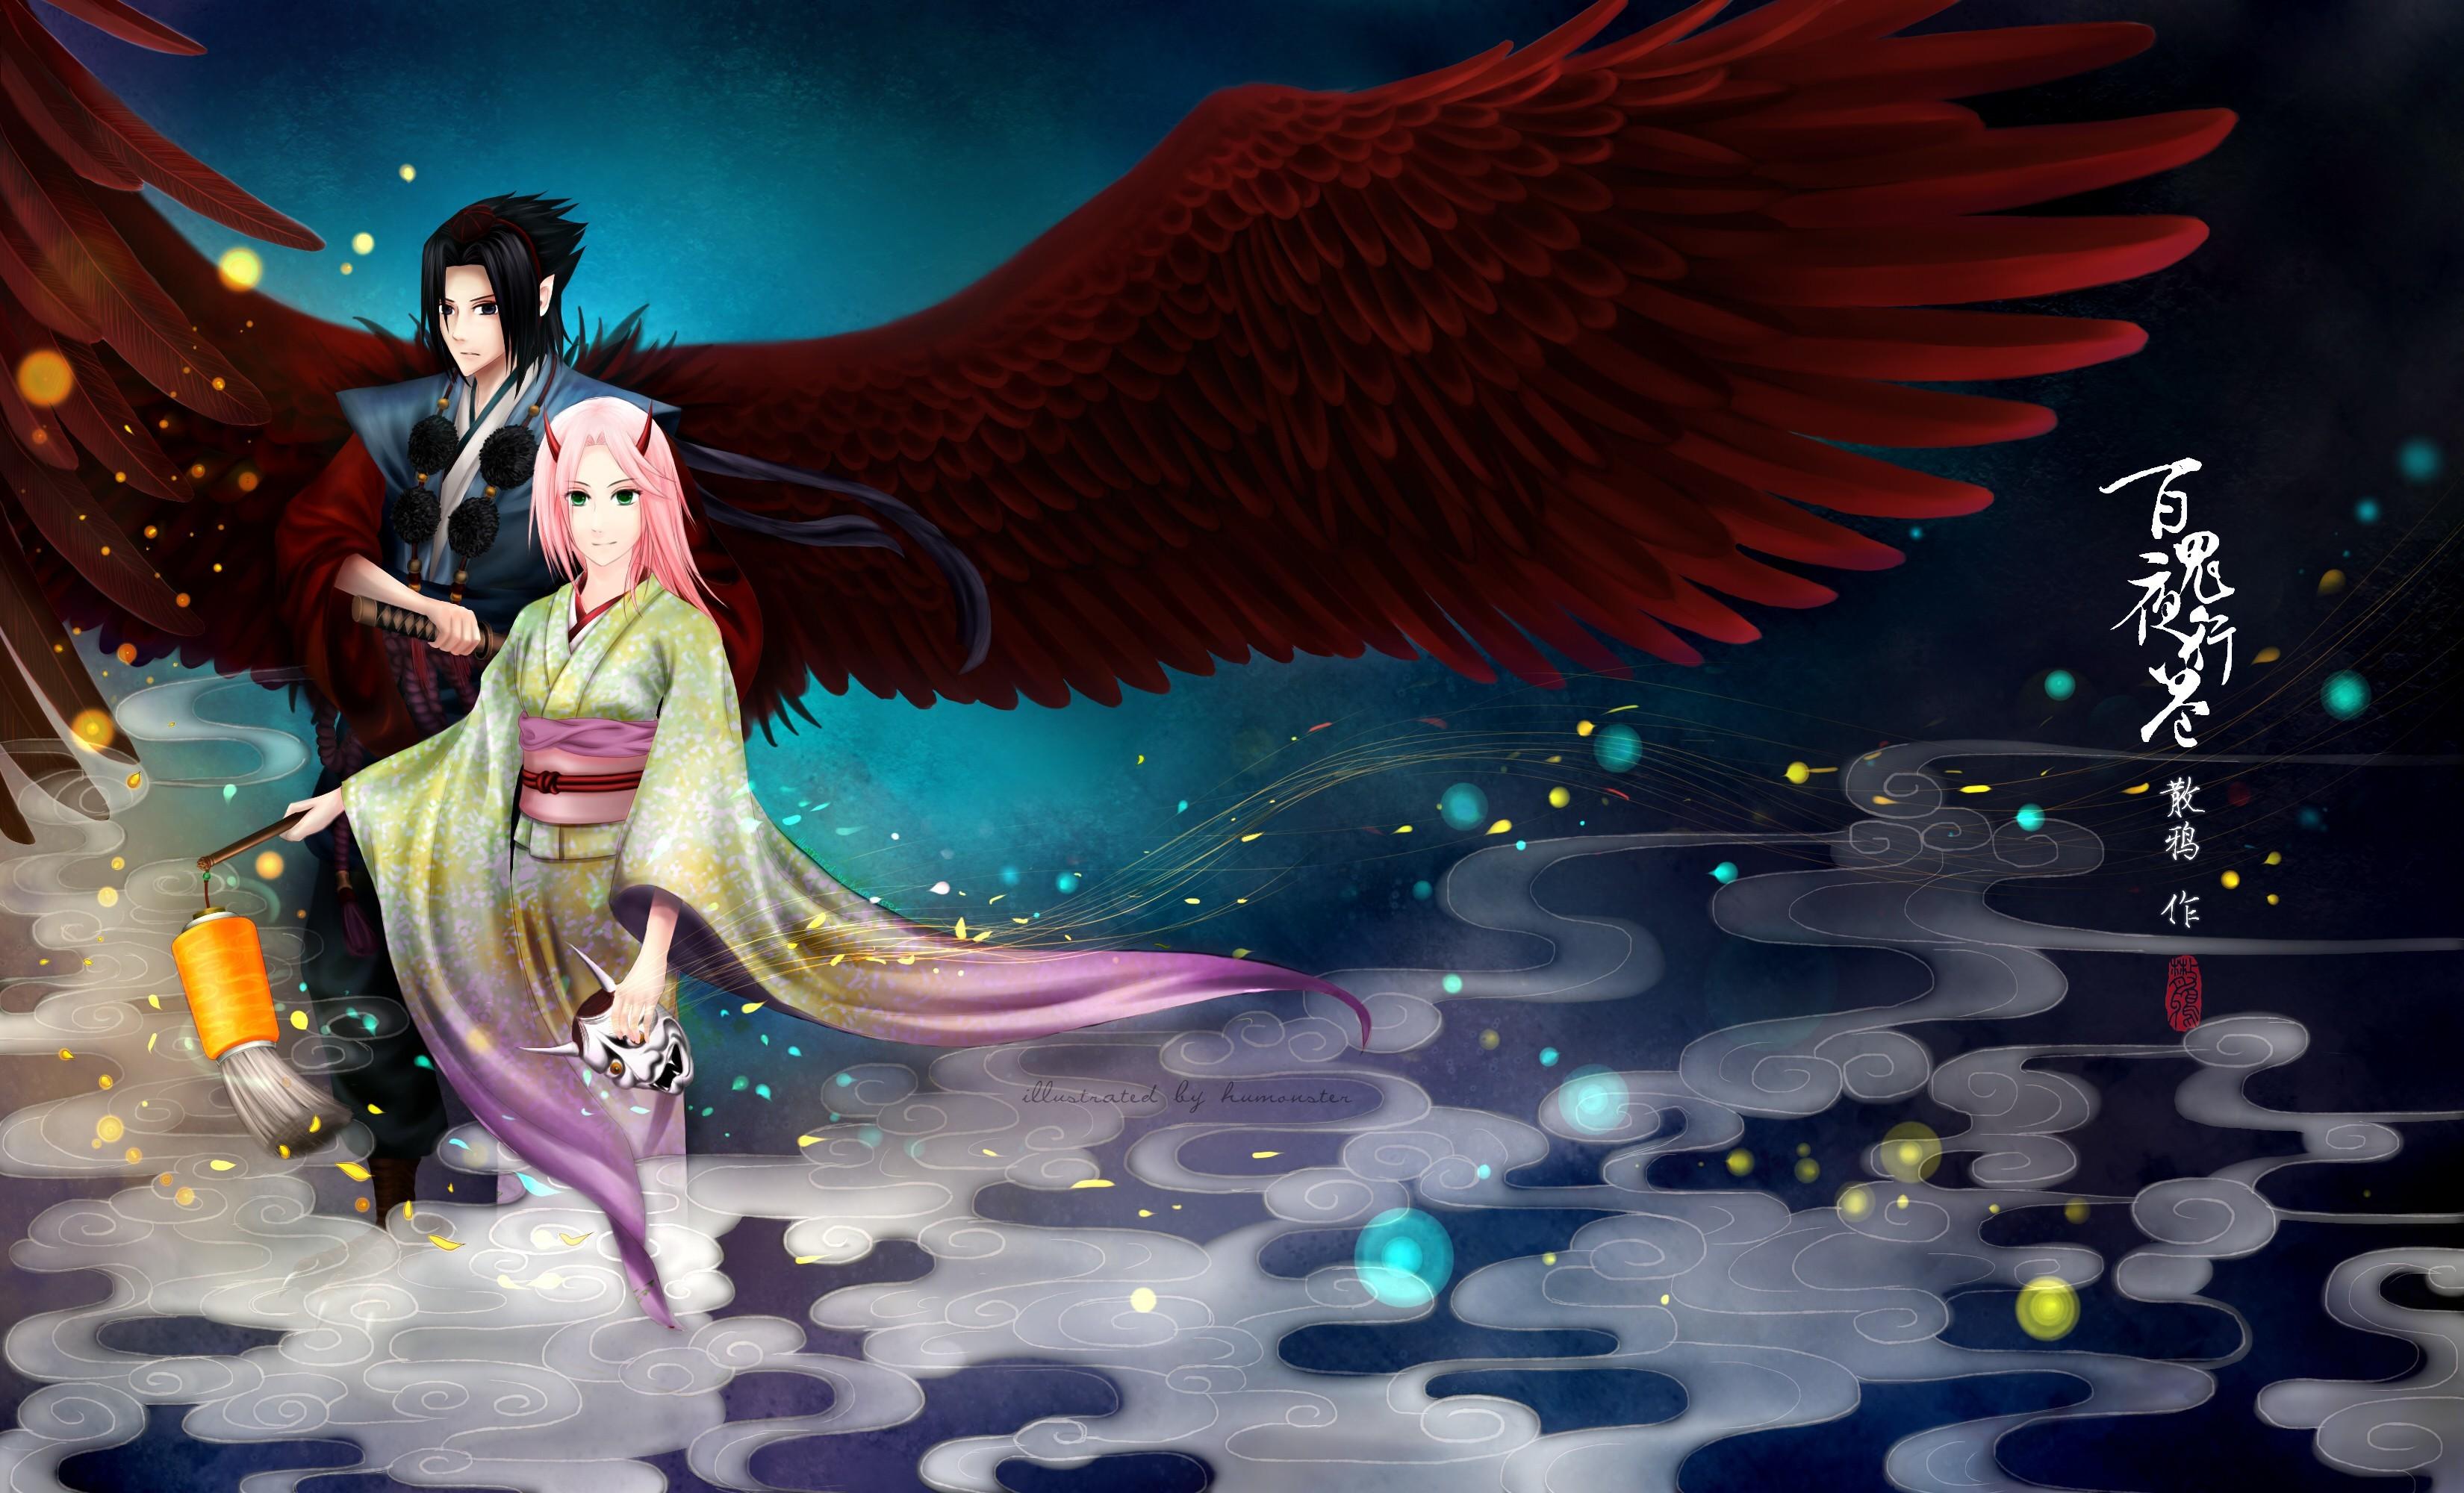 Res: 3300x2000, Wings Haruno Sakura Uchiha Sasuke Naruto: Shippuden kimono artwork  traditional dressing fan art wallpaper      222555   WallpaperUP